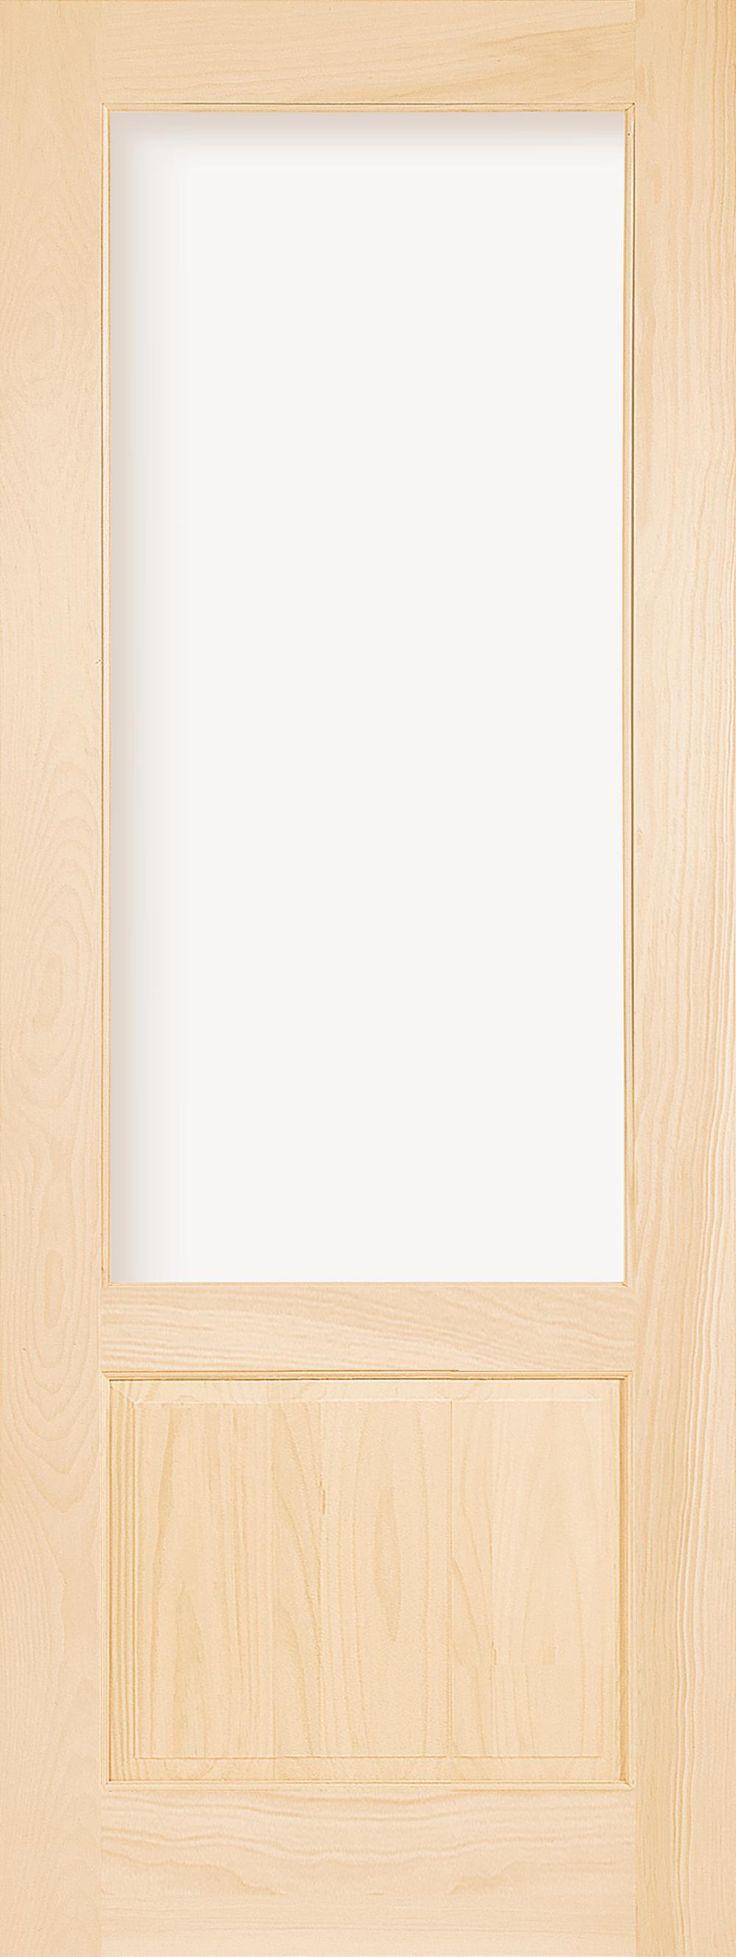 Interior Wood Glass Panel Interior Door | JELD-WEN Windows & Doors